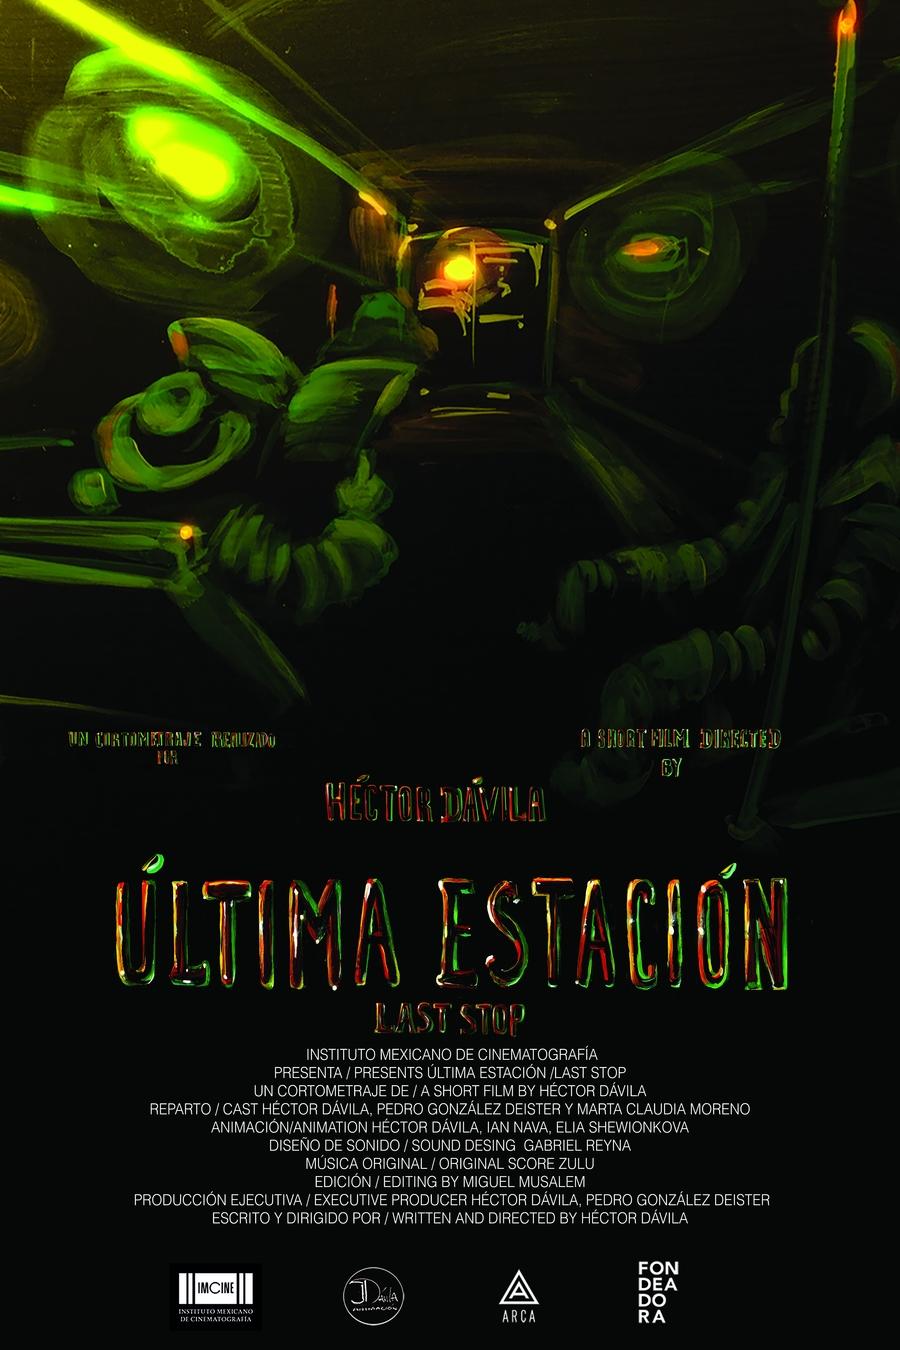 Última estación